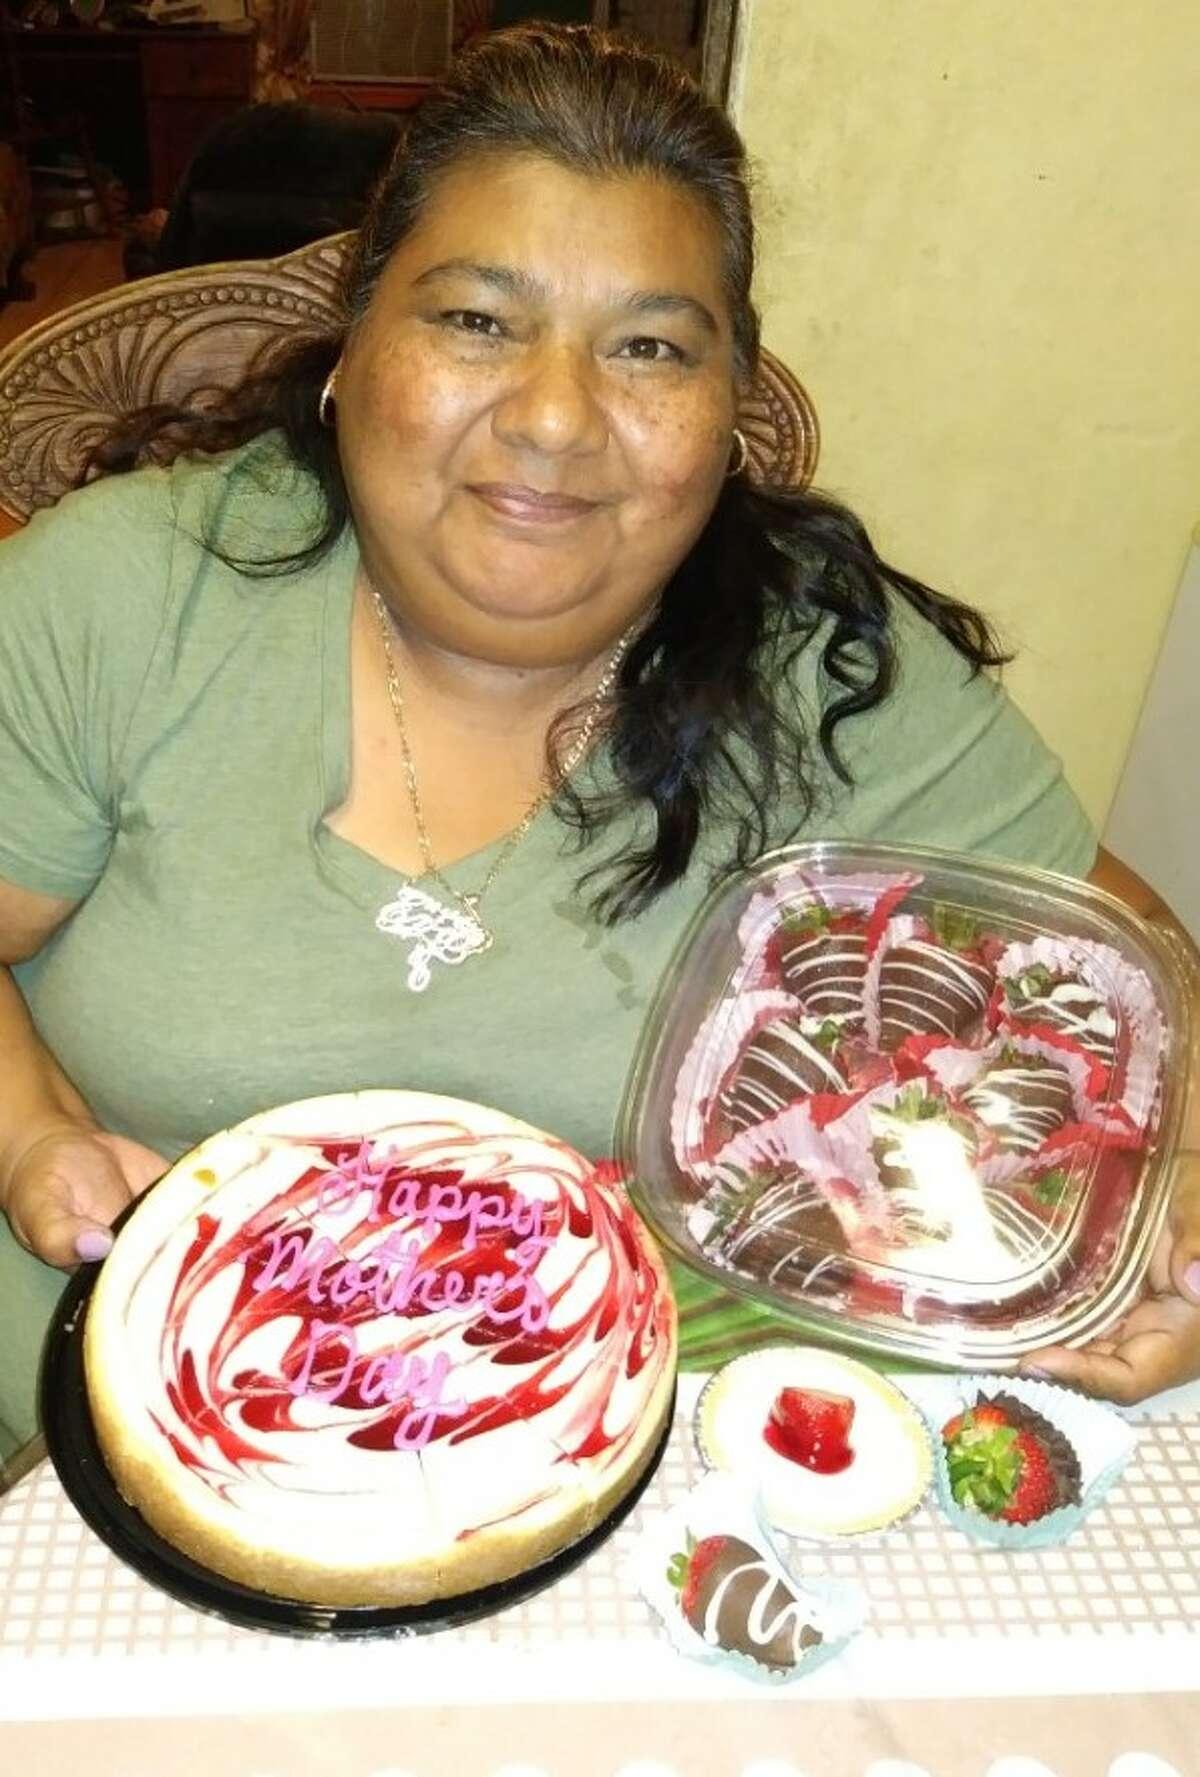 Evangelina Gutierrez